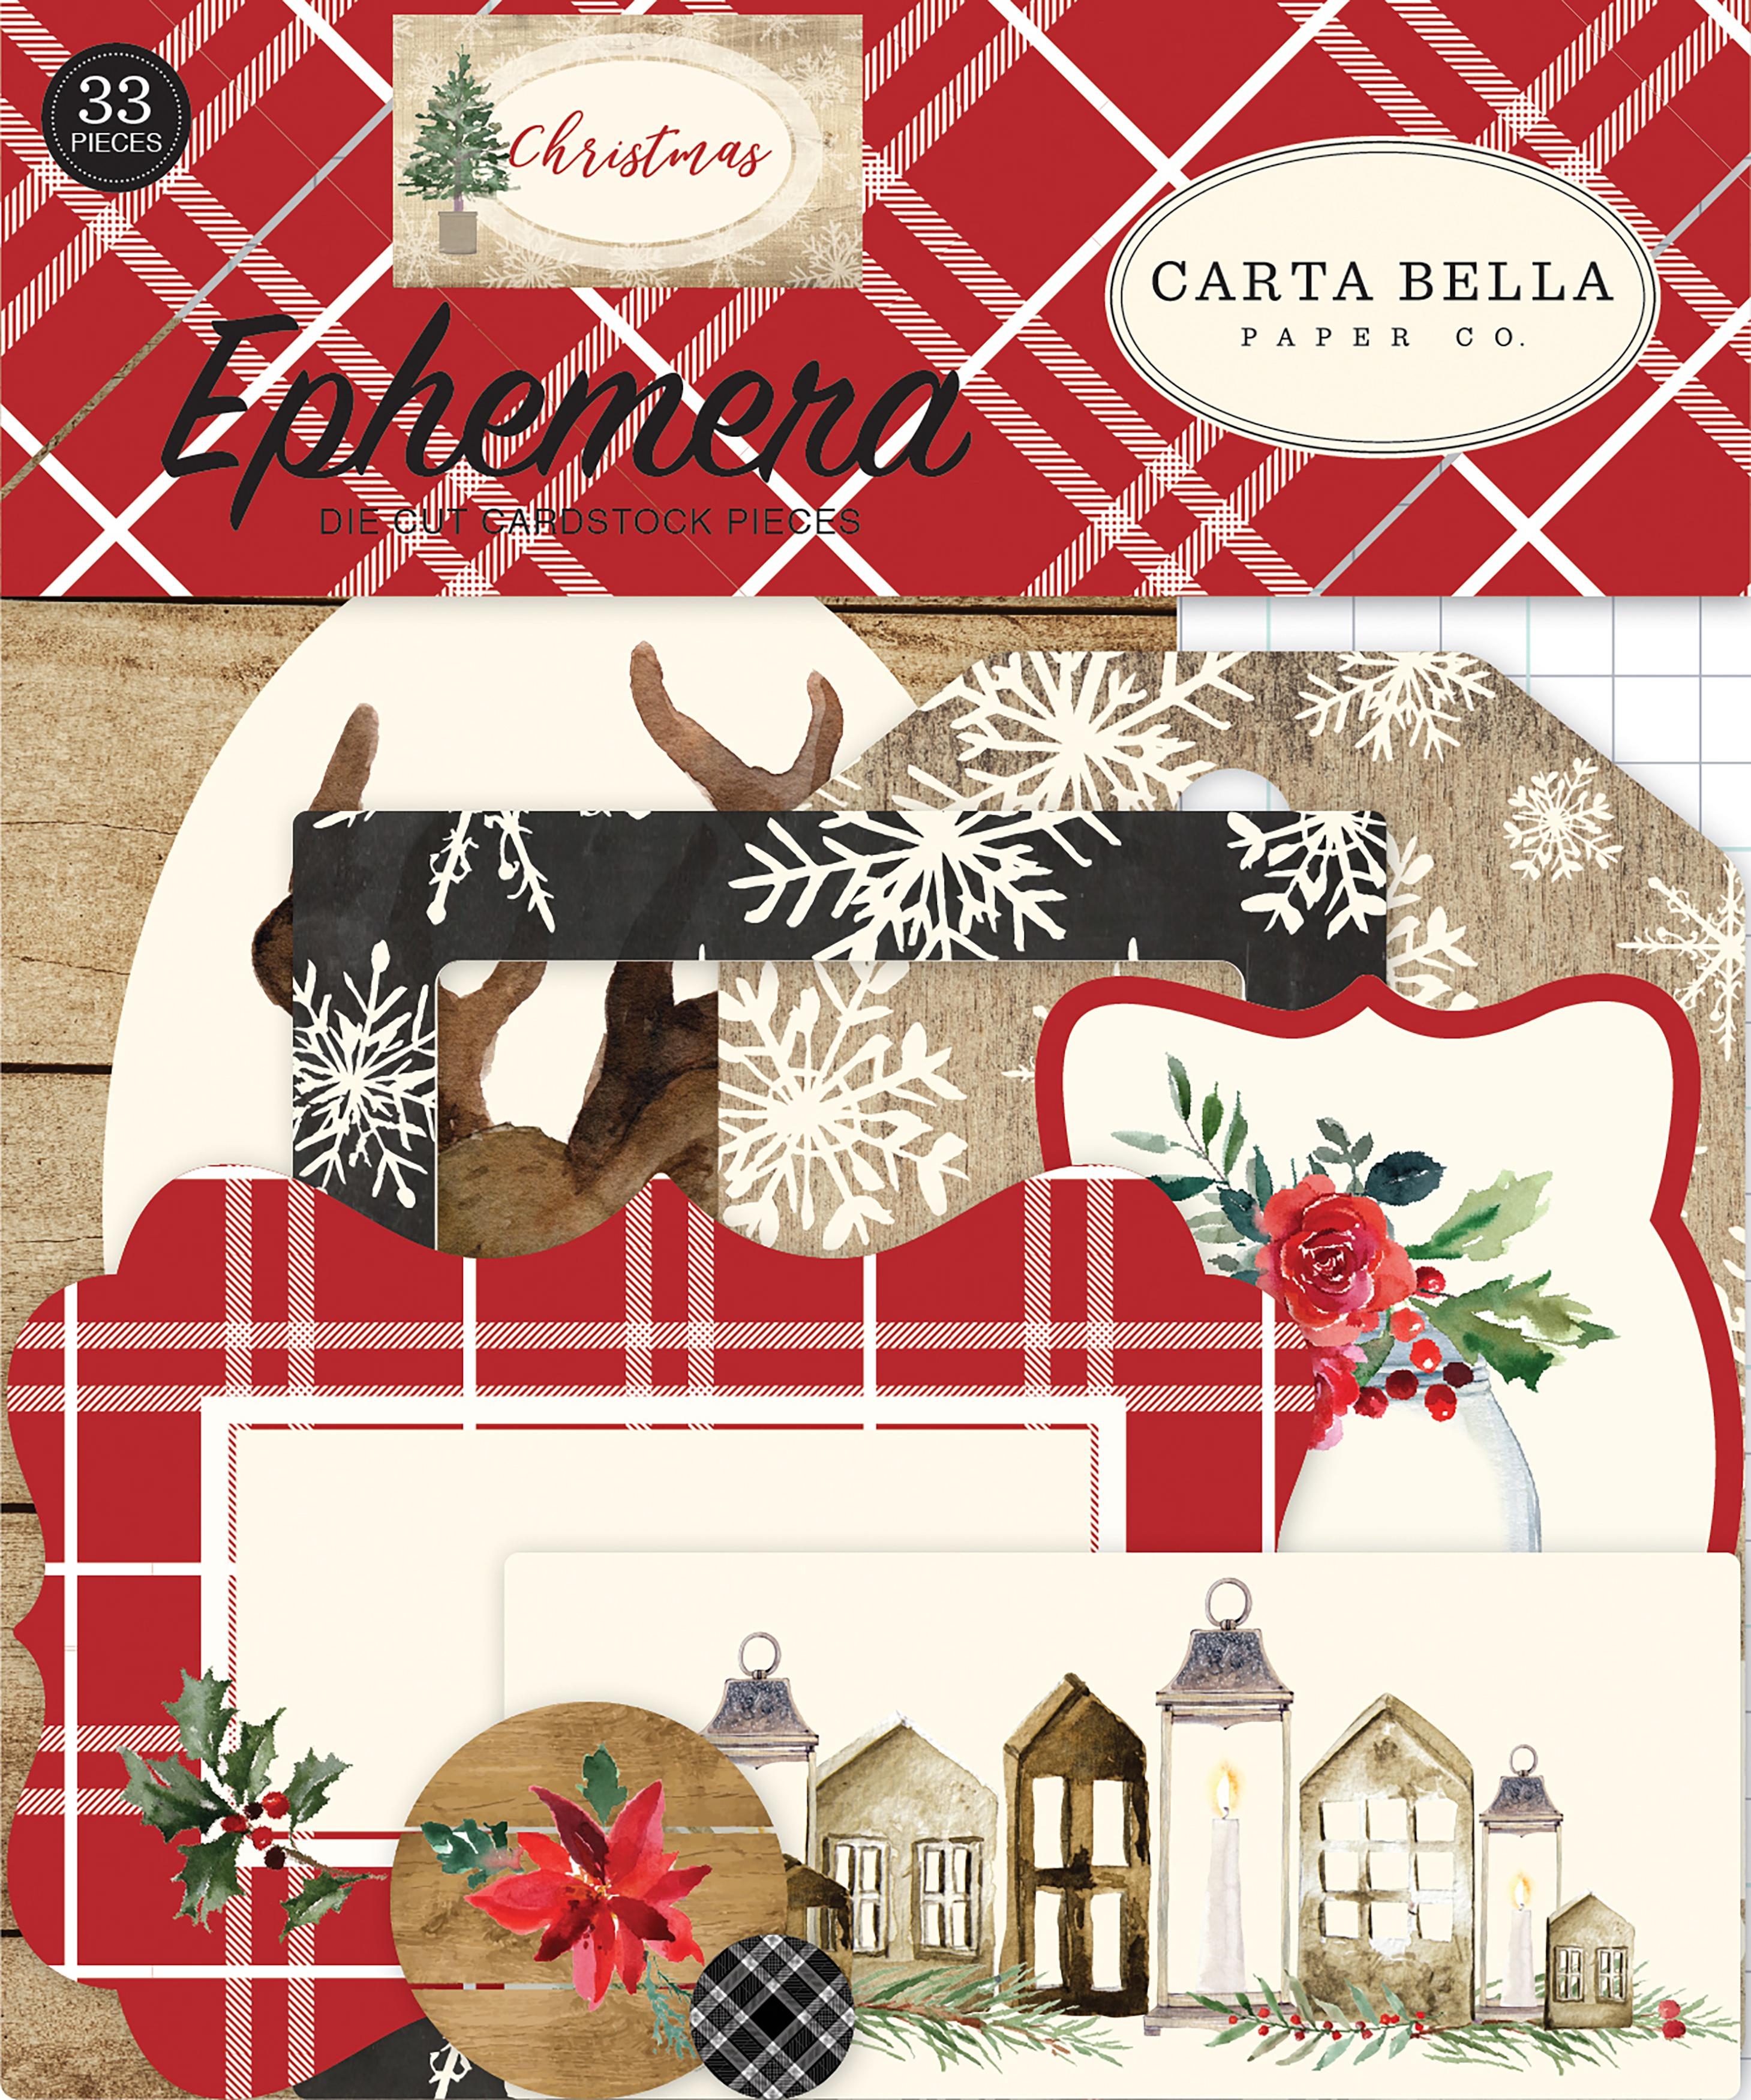 Christmas Ephemera Cardstock Die-Cuts 33/Pkg-Icons